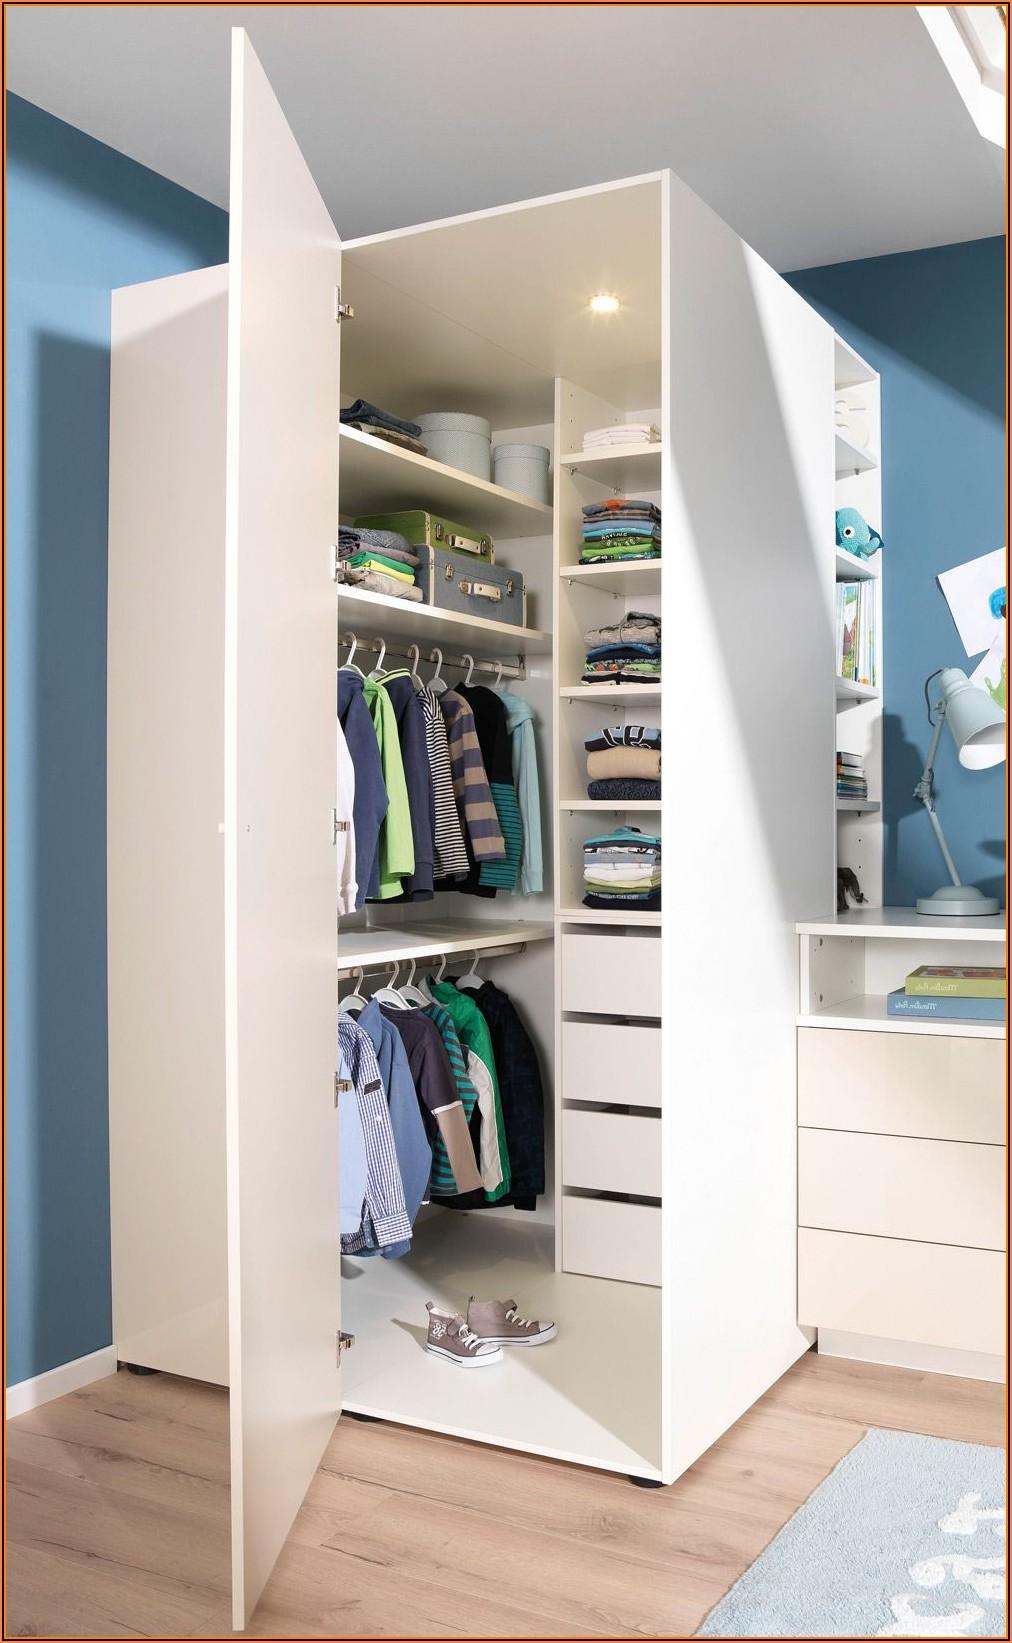 Kinderzimmer Mit Begehbaren Kleiderschrank